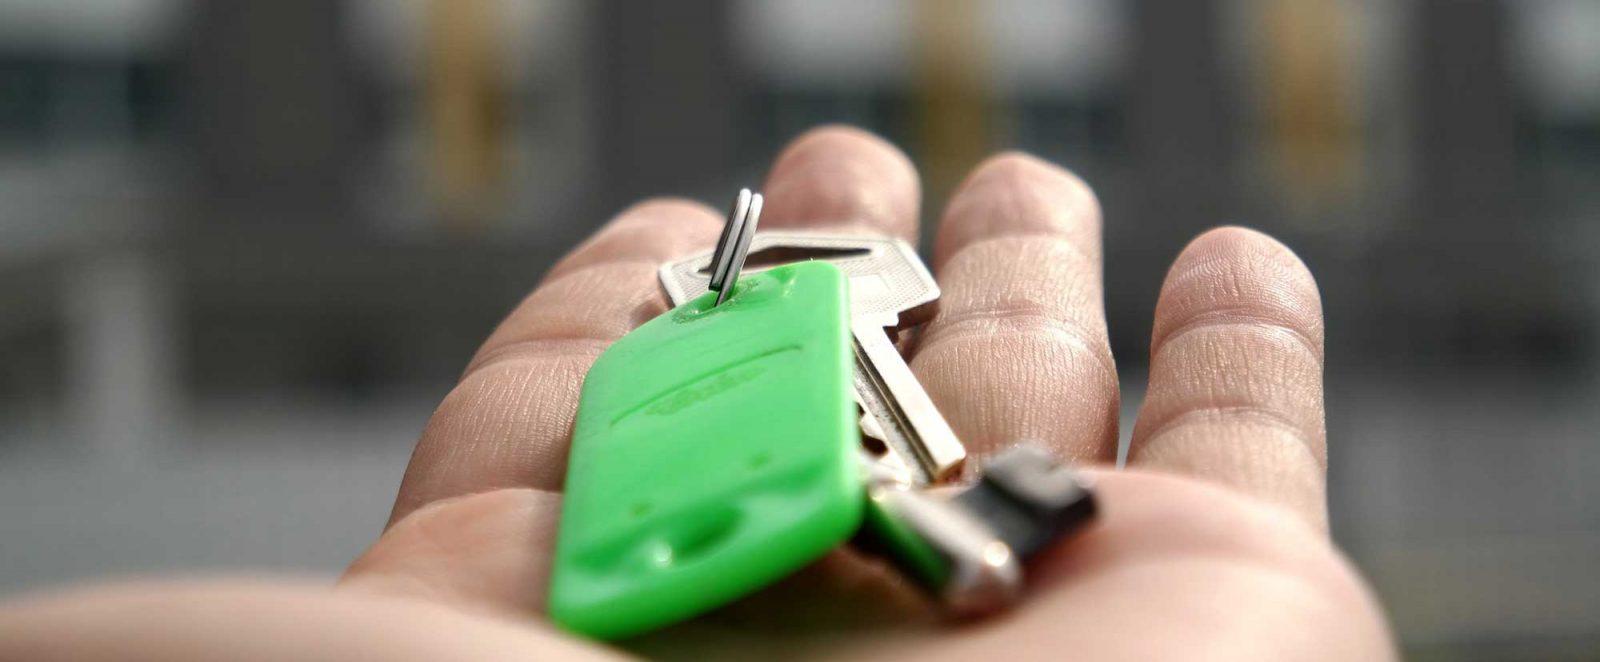 Immobilien Gutachten Schenkung